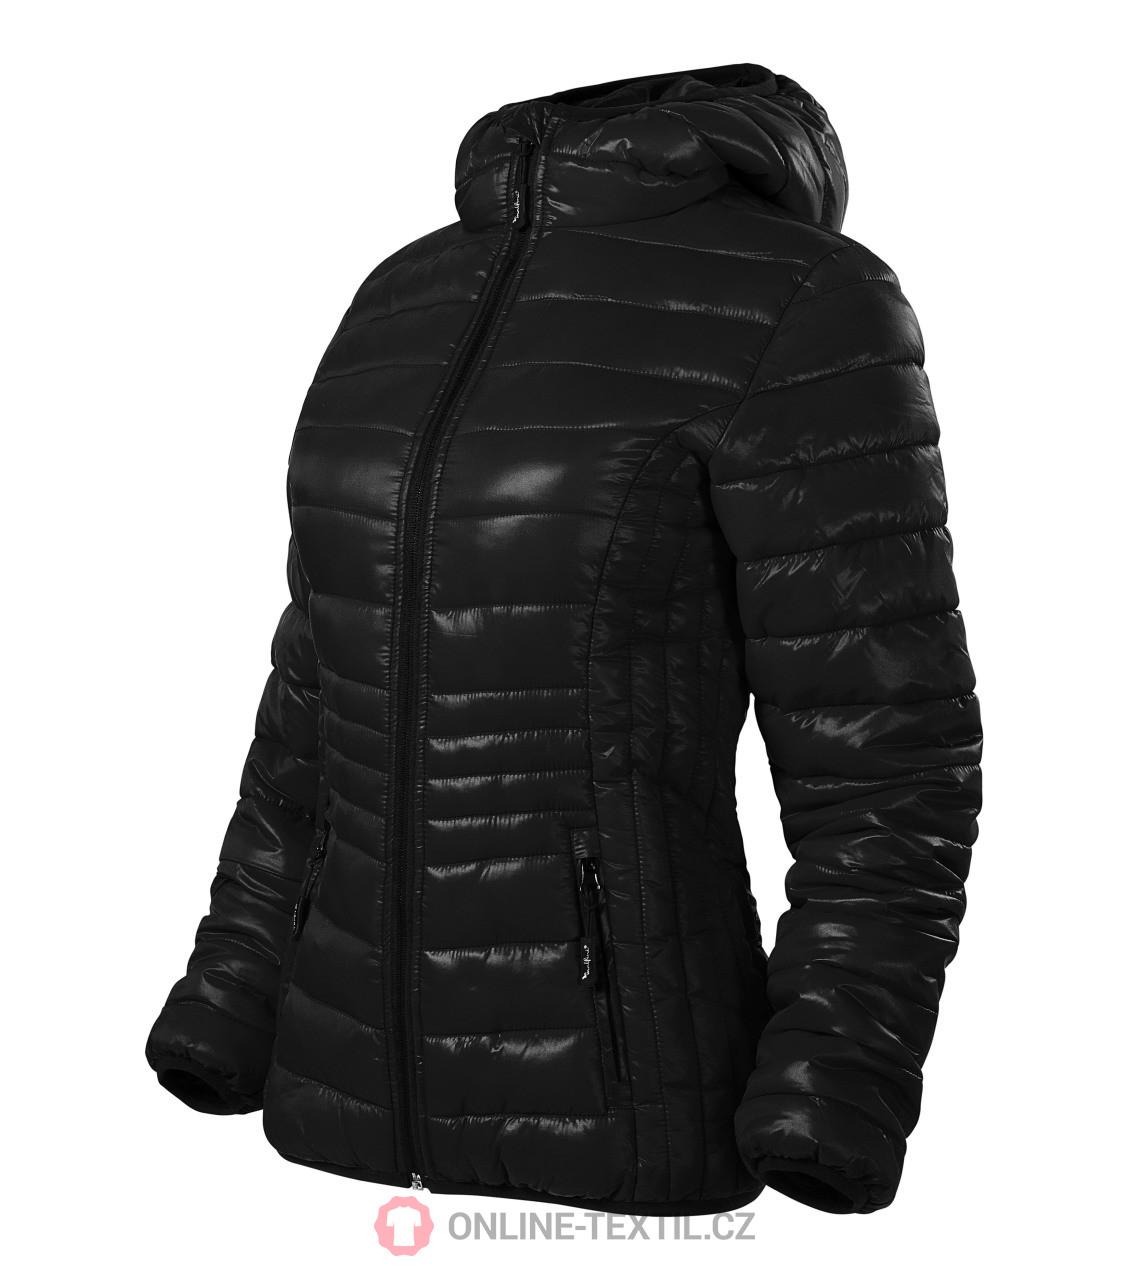 266d384c7 ADLER CZECH Prémiová dámska prešívaná bunda Everest 551 - čierna z ...